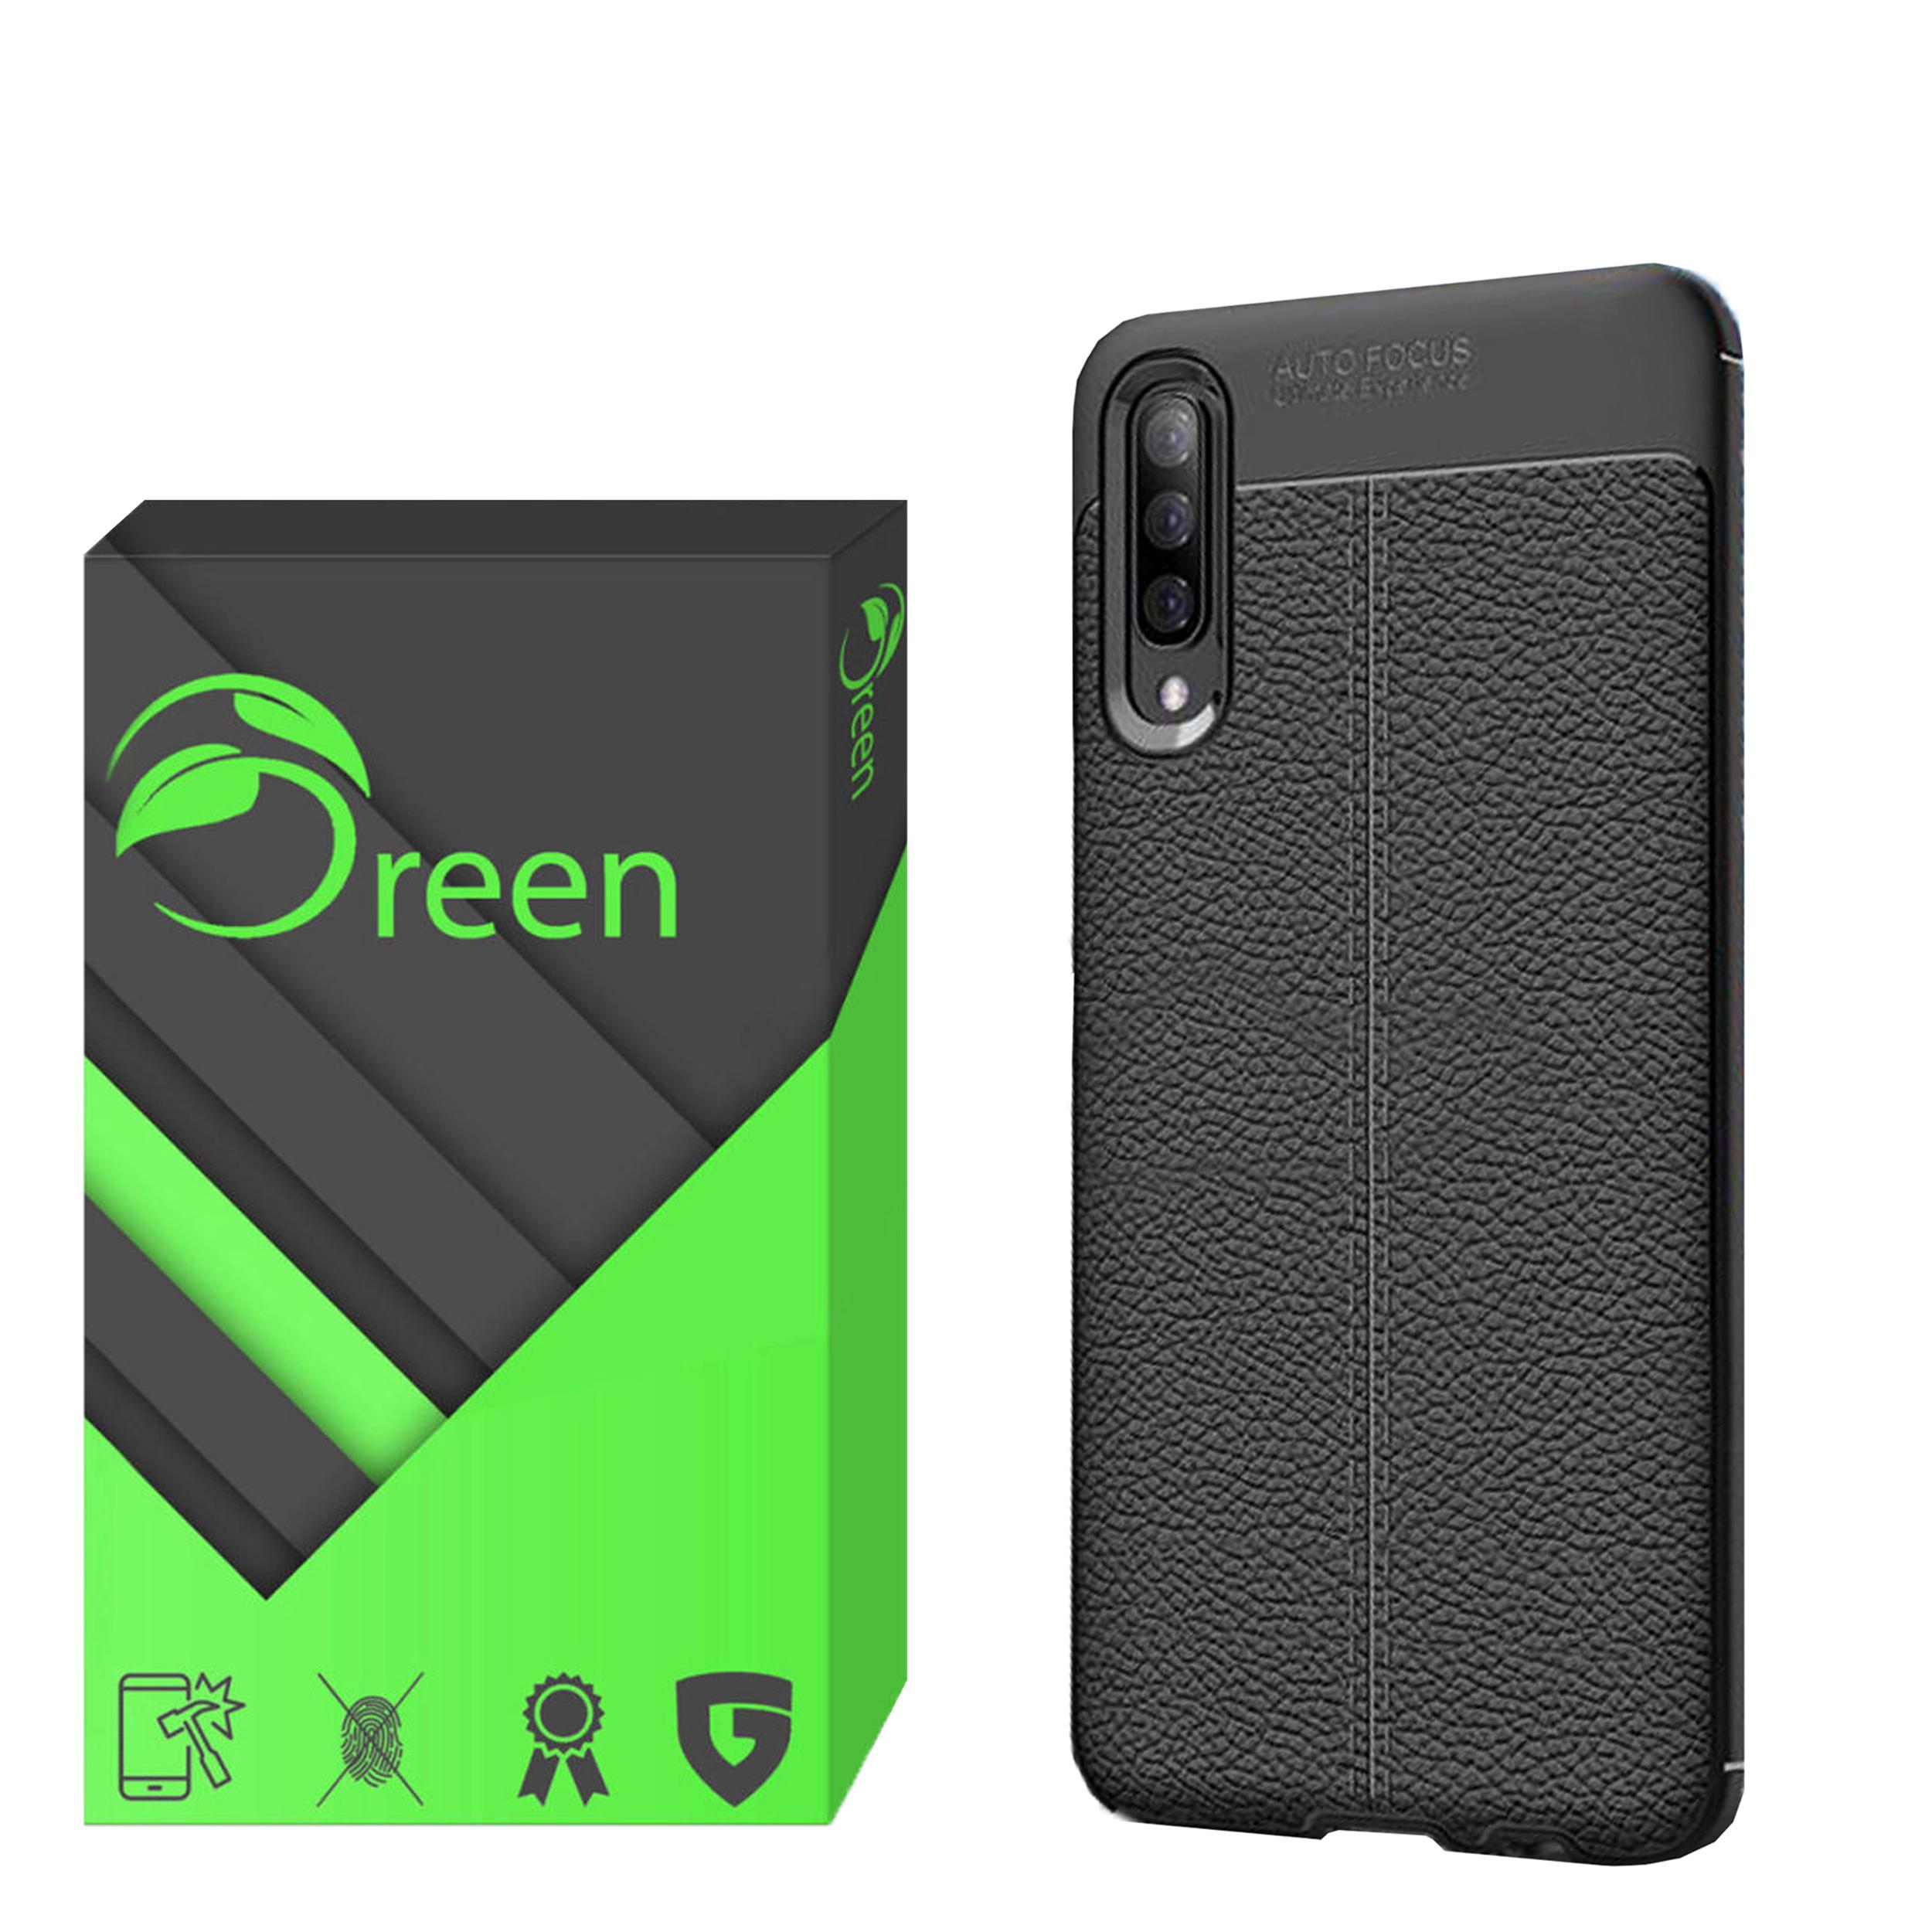 کاور گرین مدل AF-001 مناسب برای گوشی موبایل سامسونگ Galaxy A30s